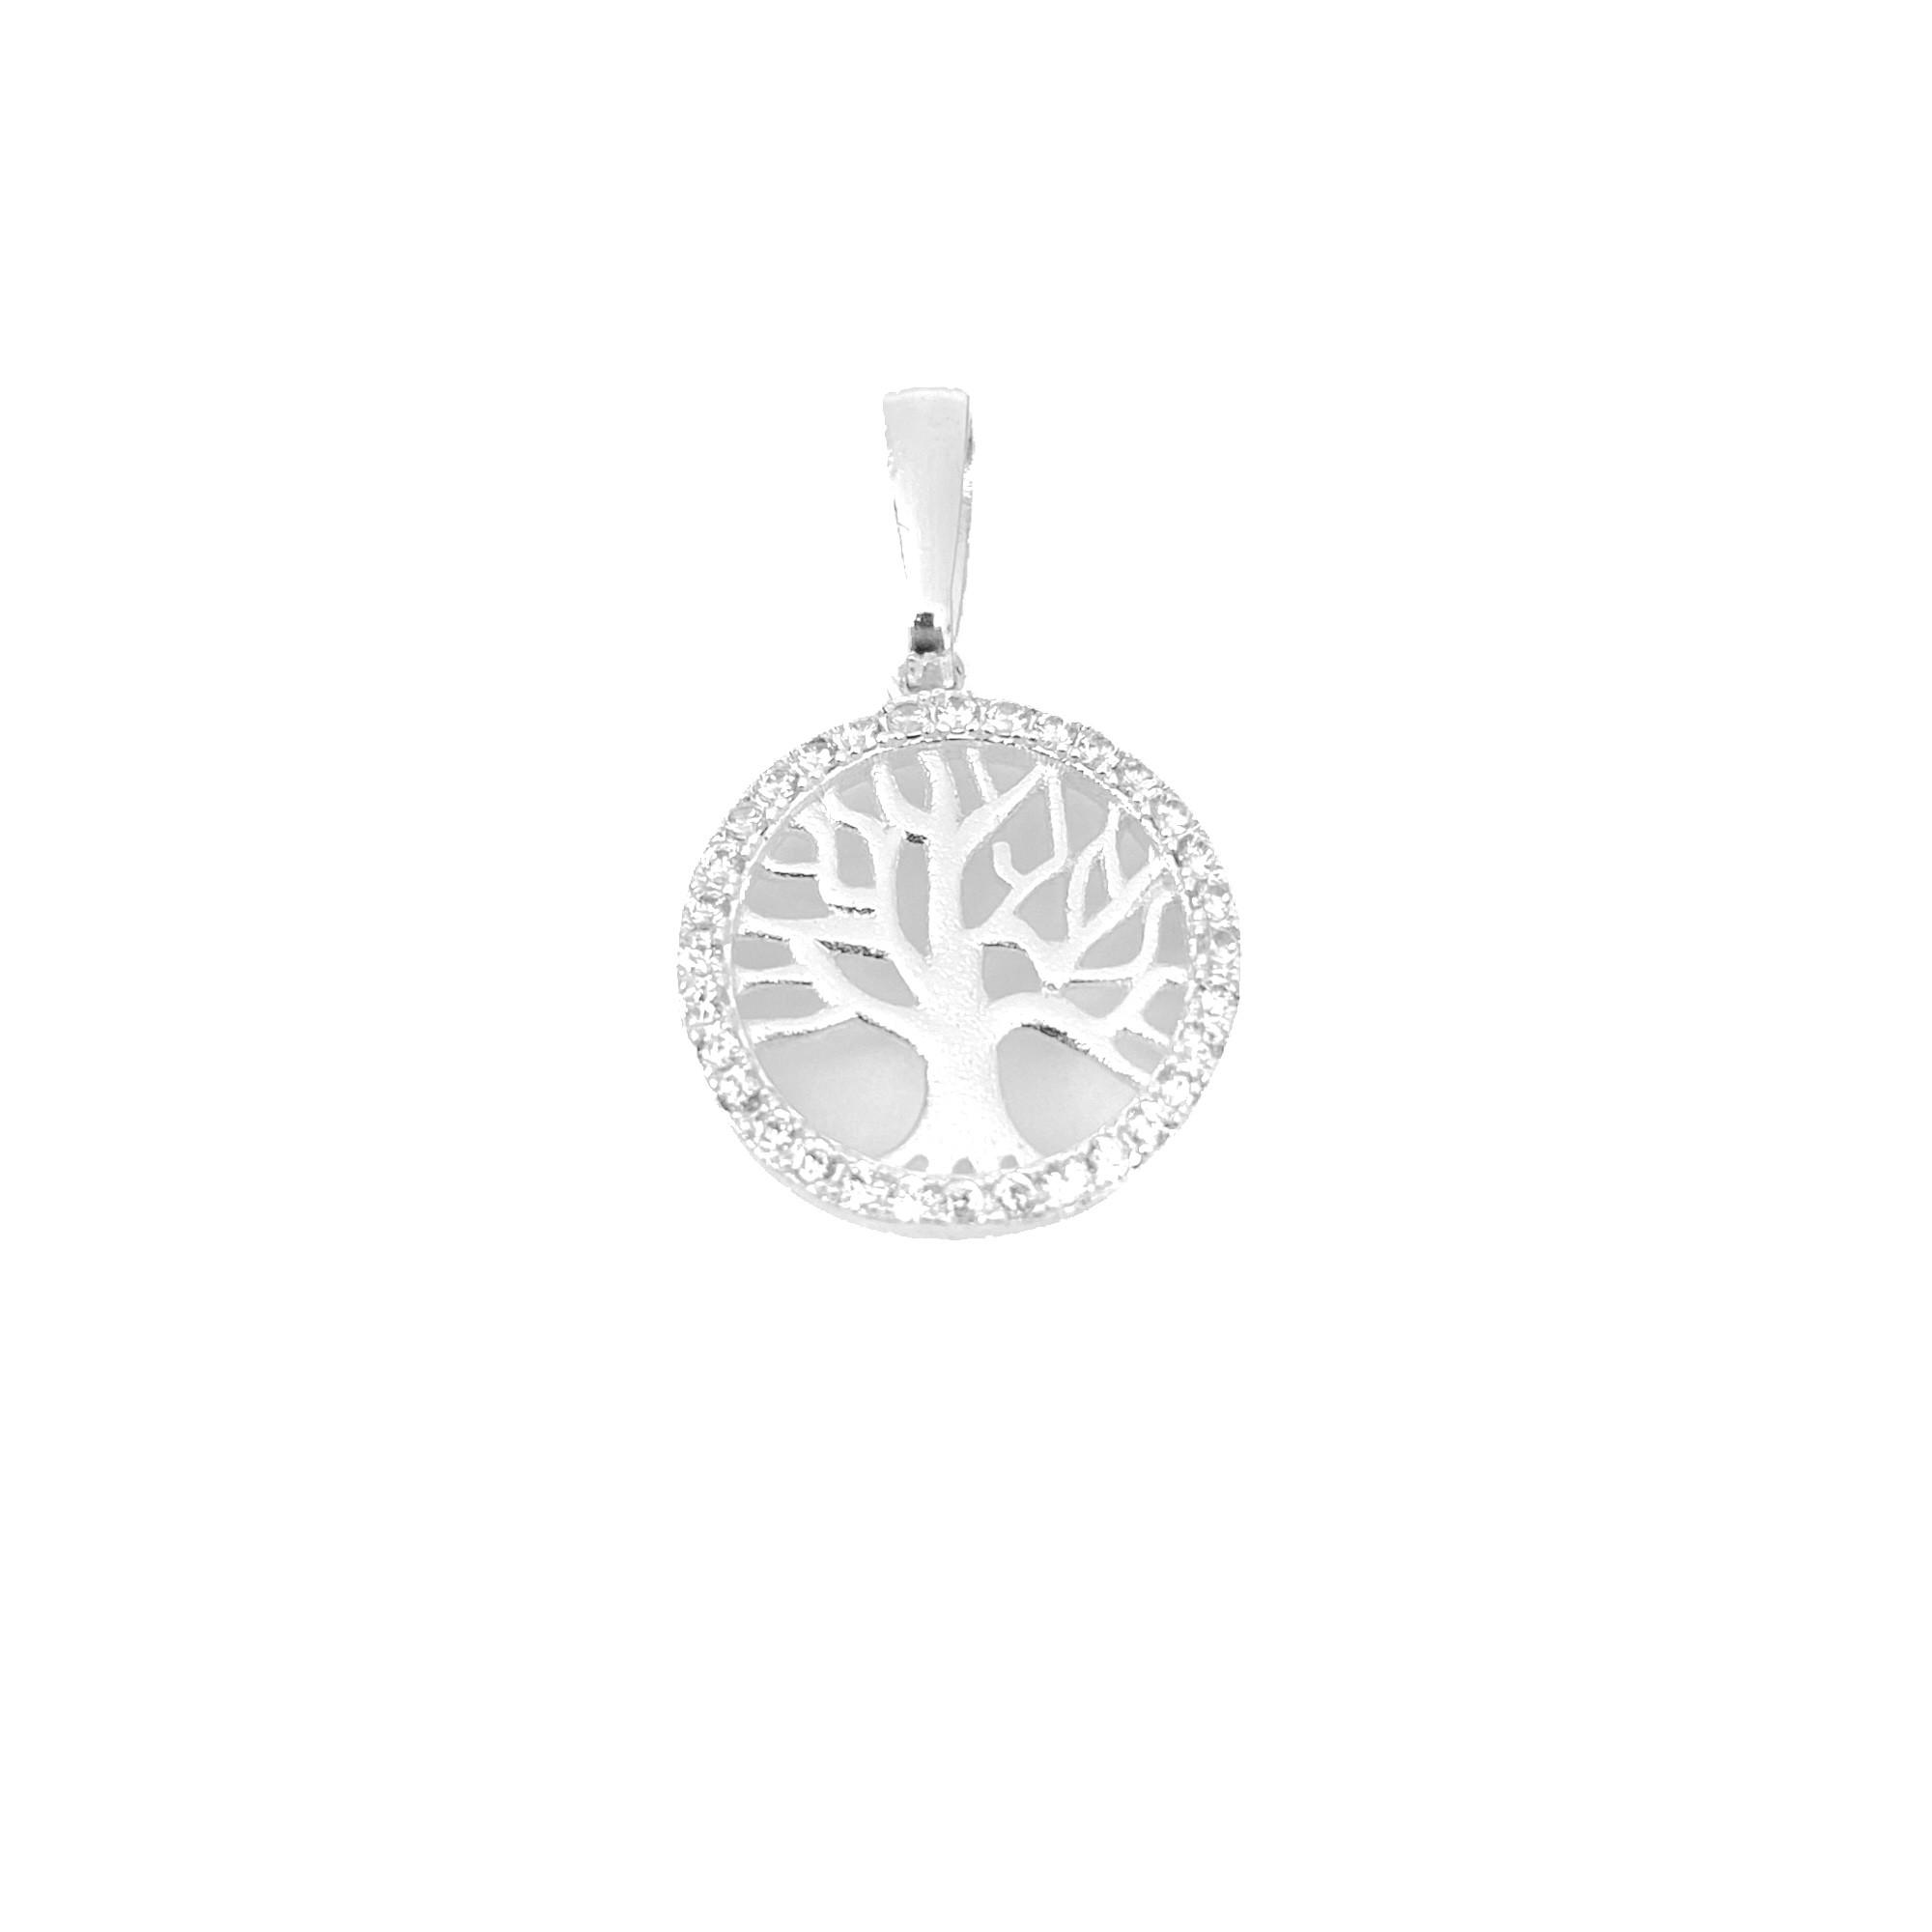 Pingente Árvore Da Vida Vazado Cravejado em Zircônia (1,5cmX1,5cm) (Banho Prata 925)